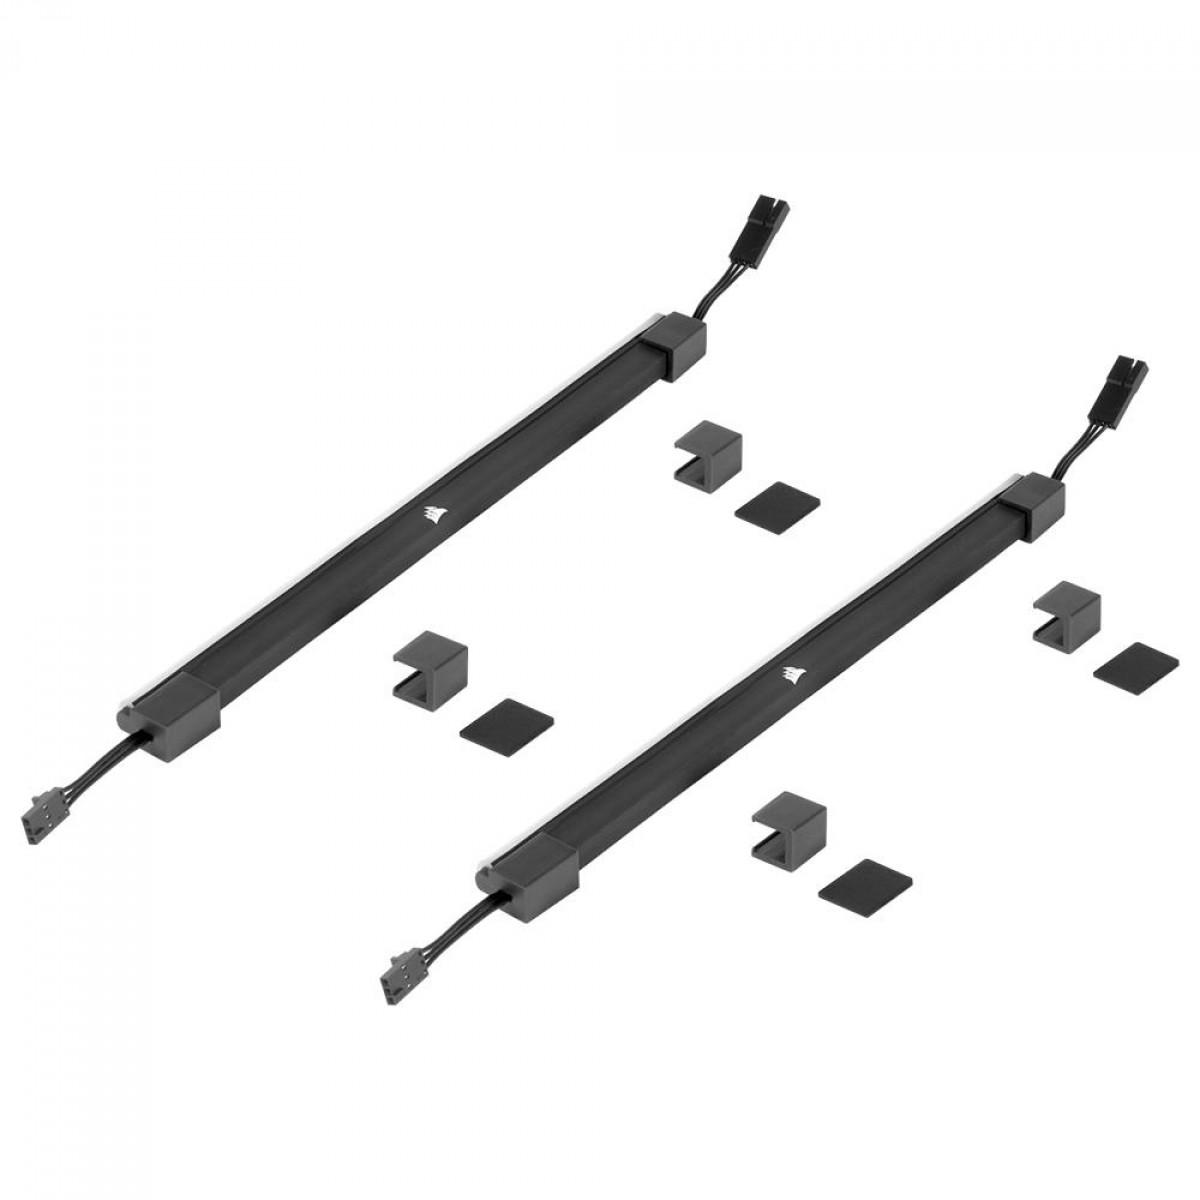 Kit 2 Fitas Led RGB CORSAIR iCUE LS100, 250mm, CD-9010001-WW/SS